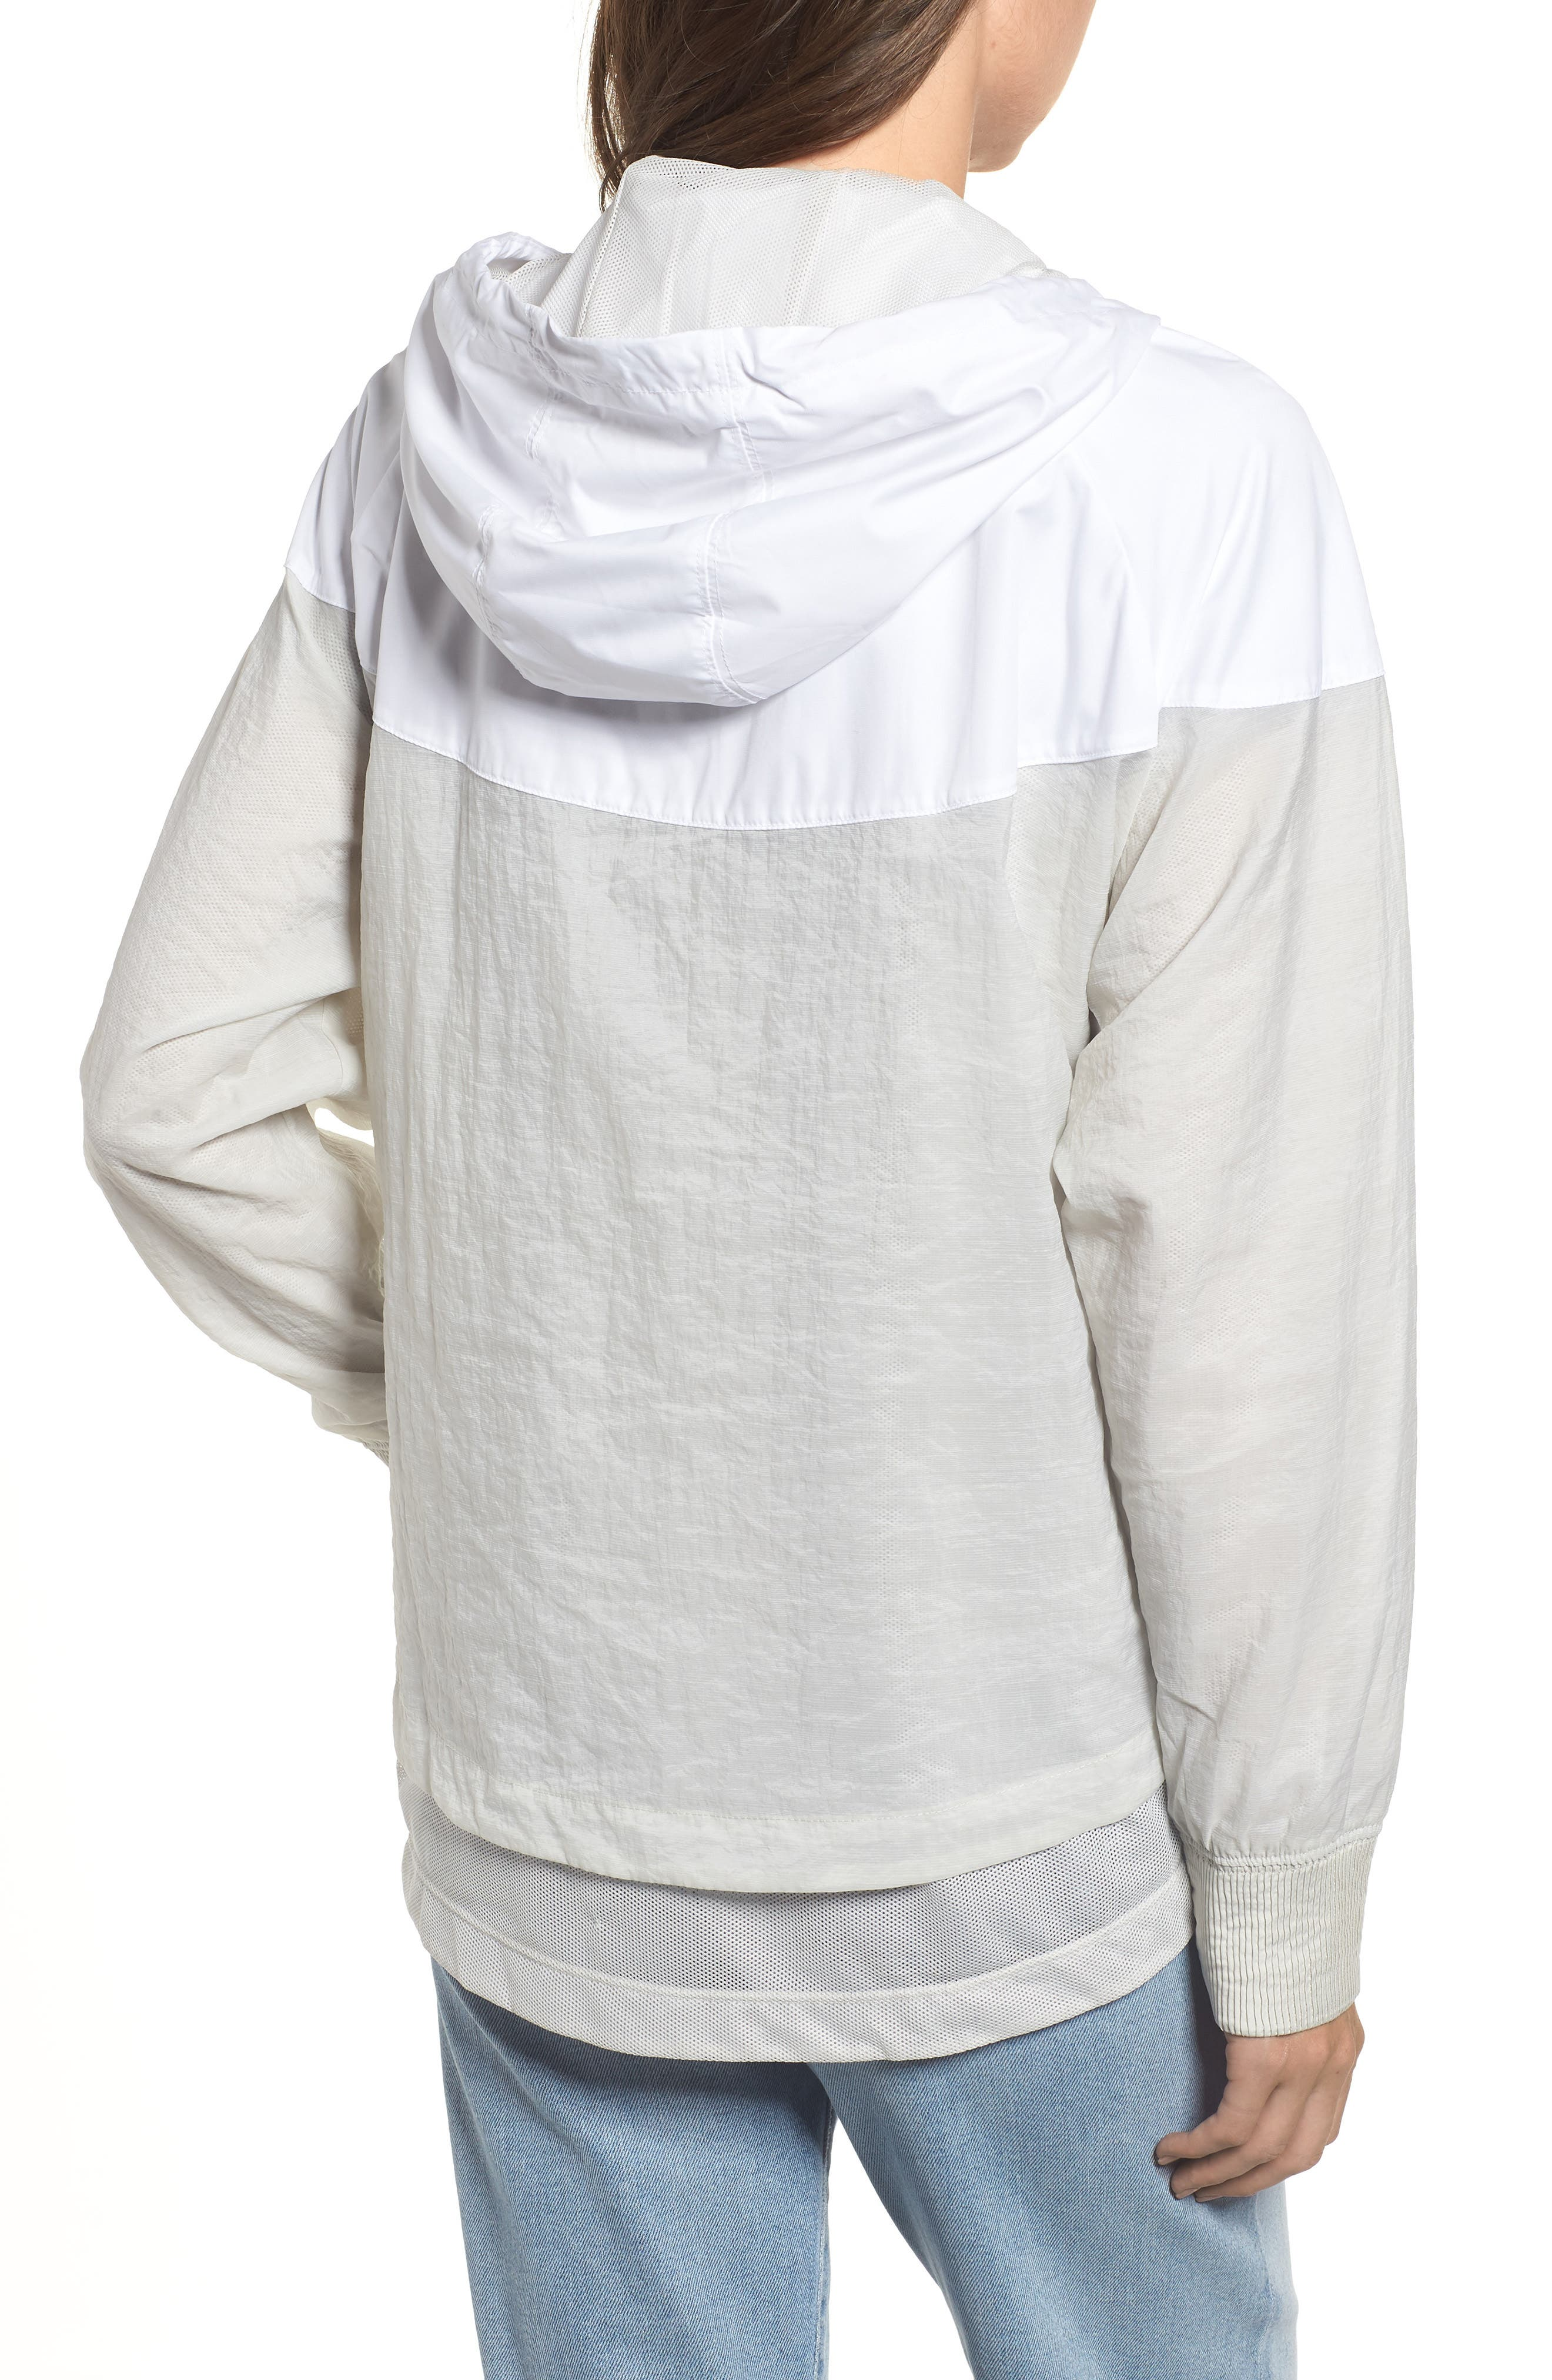 Sportswear Women's Windrunner Water Repellent Jacket,                             Alternate thumbnail 4, color,                             WHITE/ LIGHT BONE/ LIGHT BONE